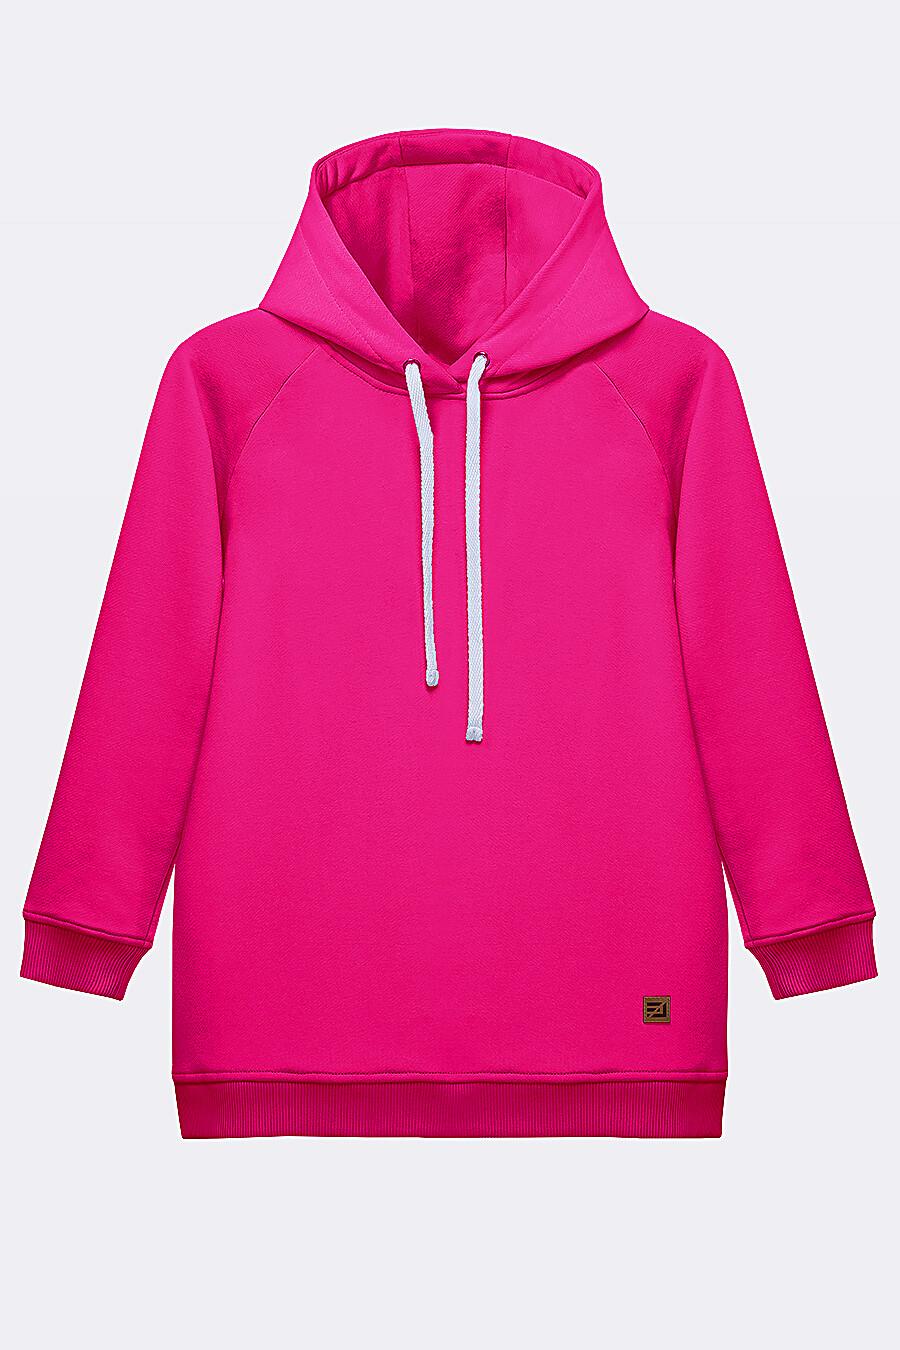 Костюм(Худи+Брюки) для девочек EZANNA 682731 купить оптом от производителя. Совместная покупка детской одежды в OptMoyo